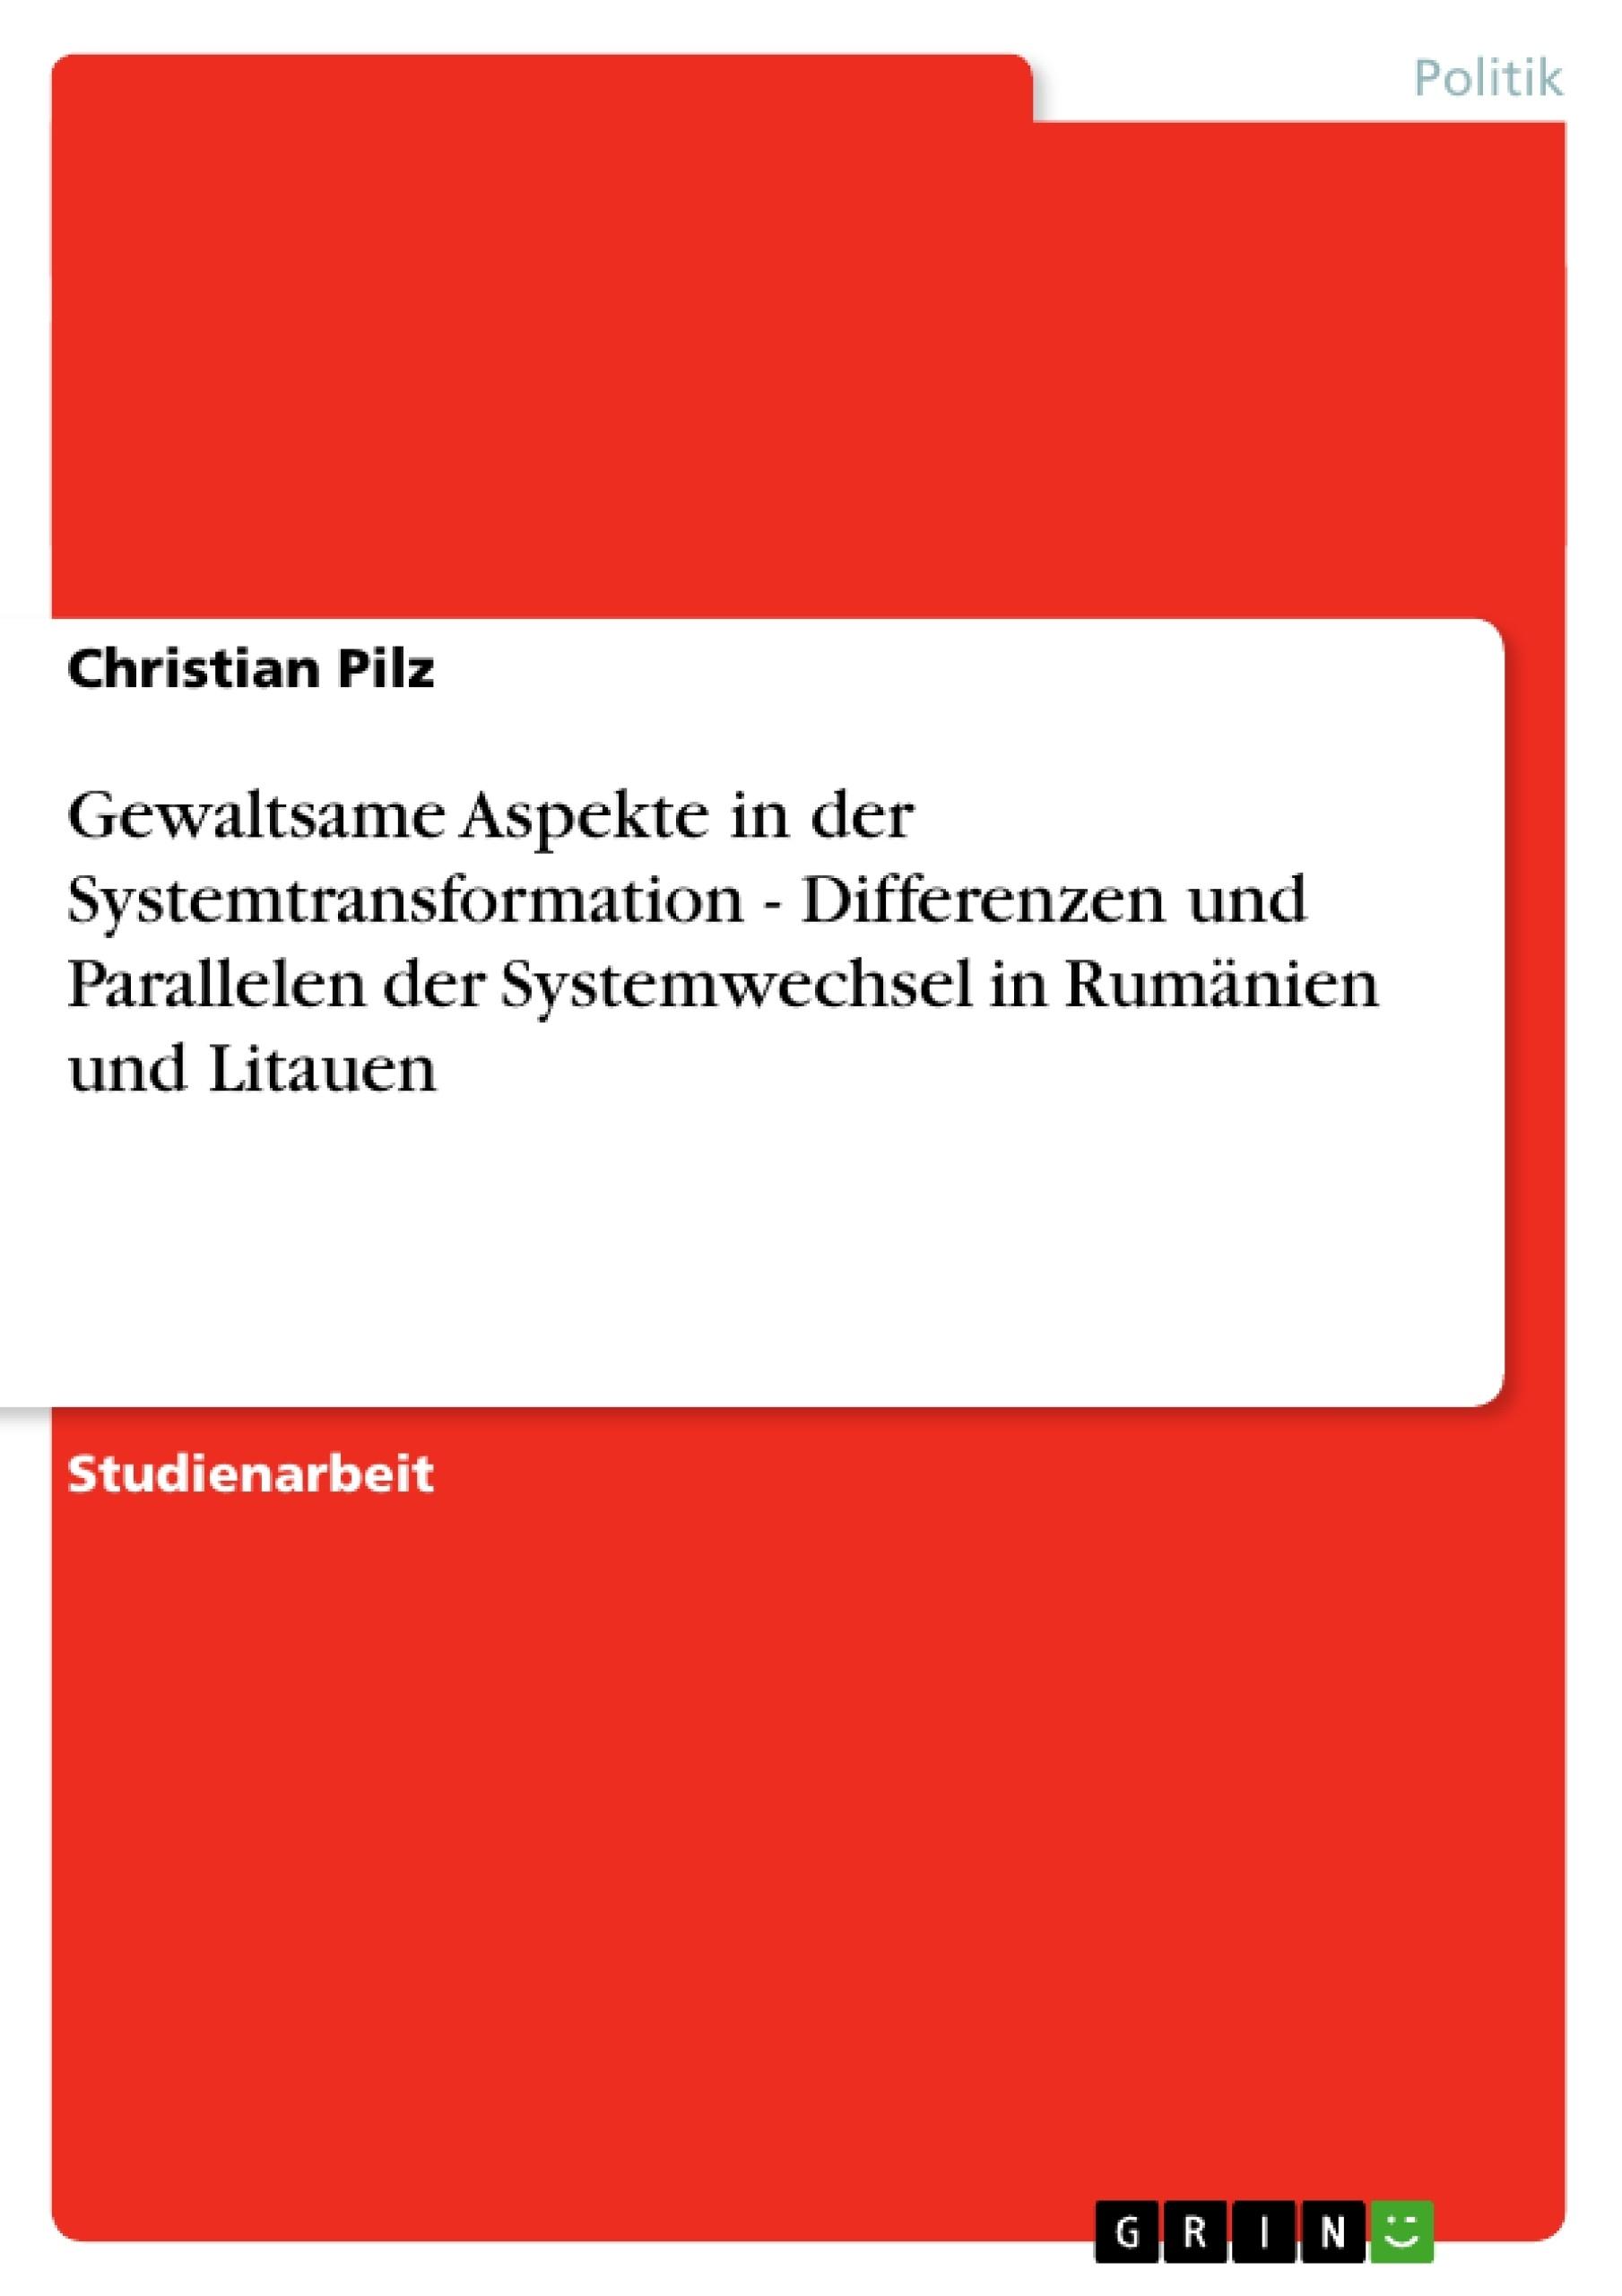 Titel: Gewaltsame Aspekte in der Systemtransformation   -   Differenzen und Parallelen der Systemwechsel in Rumänien und Litauen